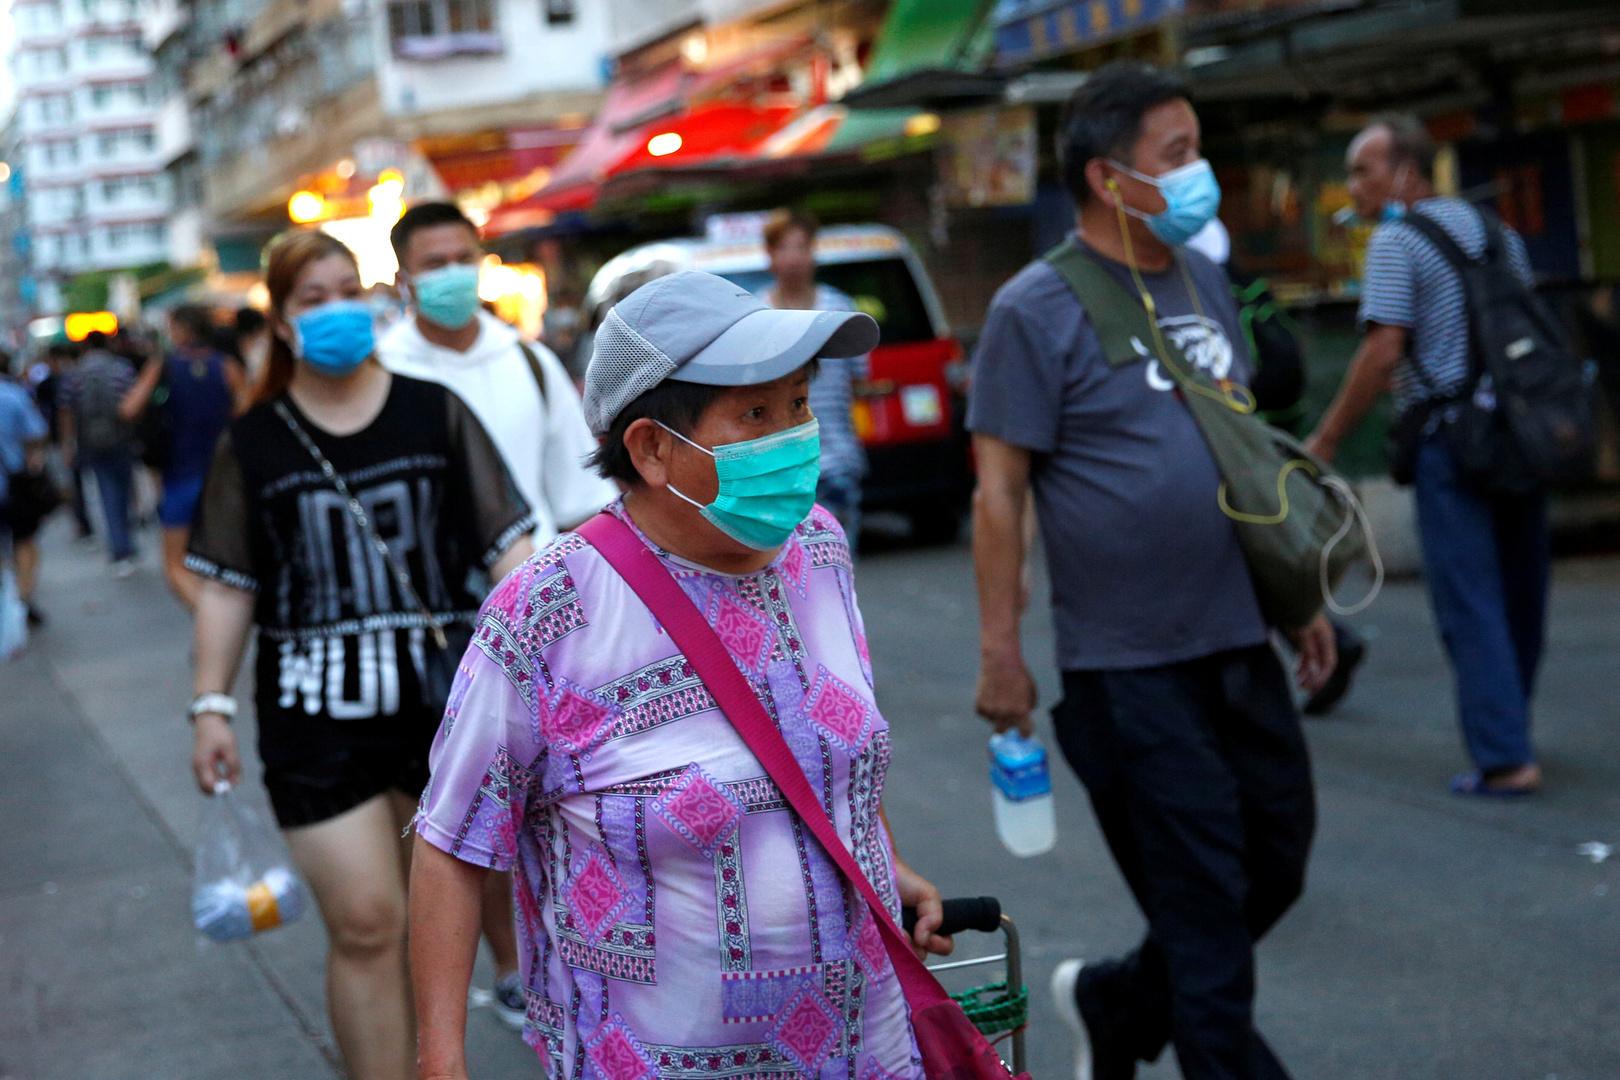 إدارة هونغ كونغ بعد ارتفاع قياسي في الإصابات: تفشي كورونا خرج عن السيطرة